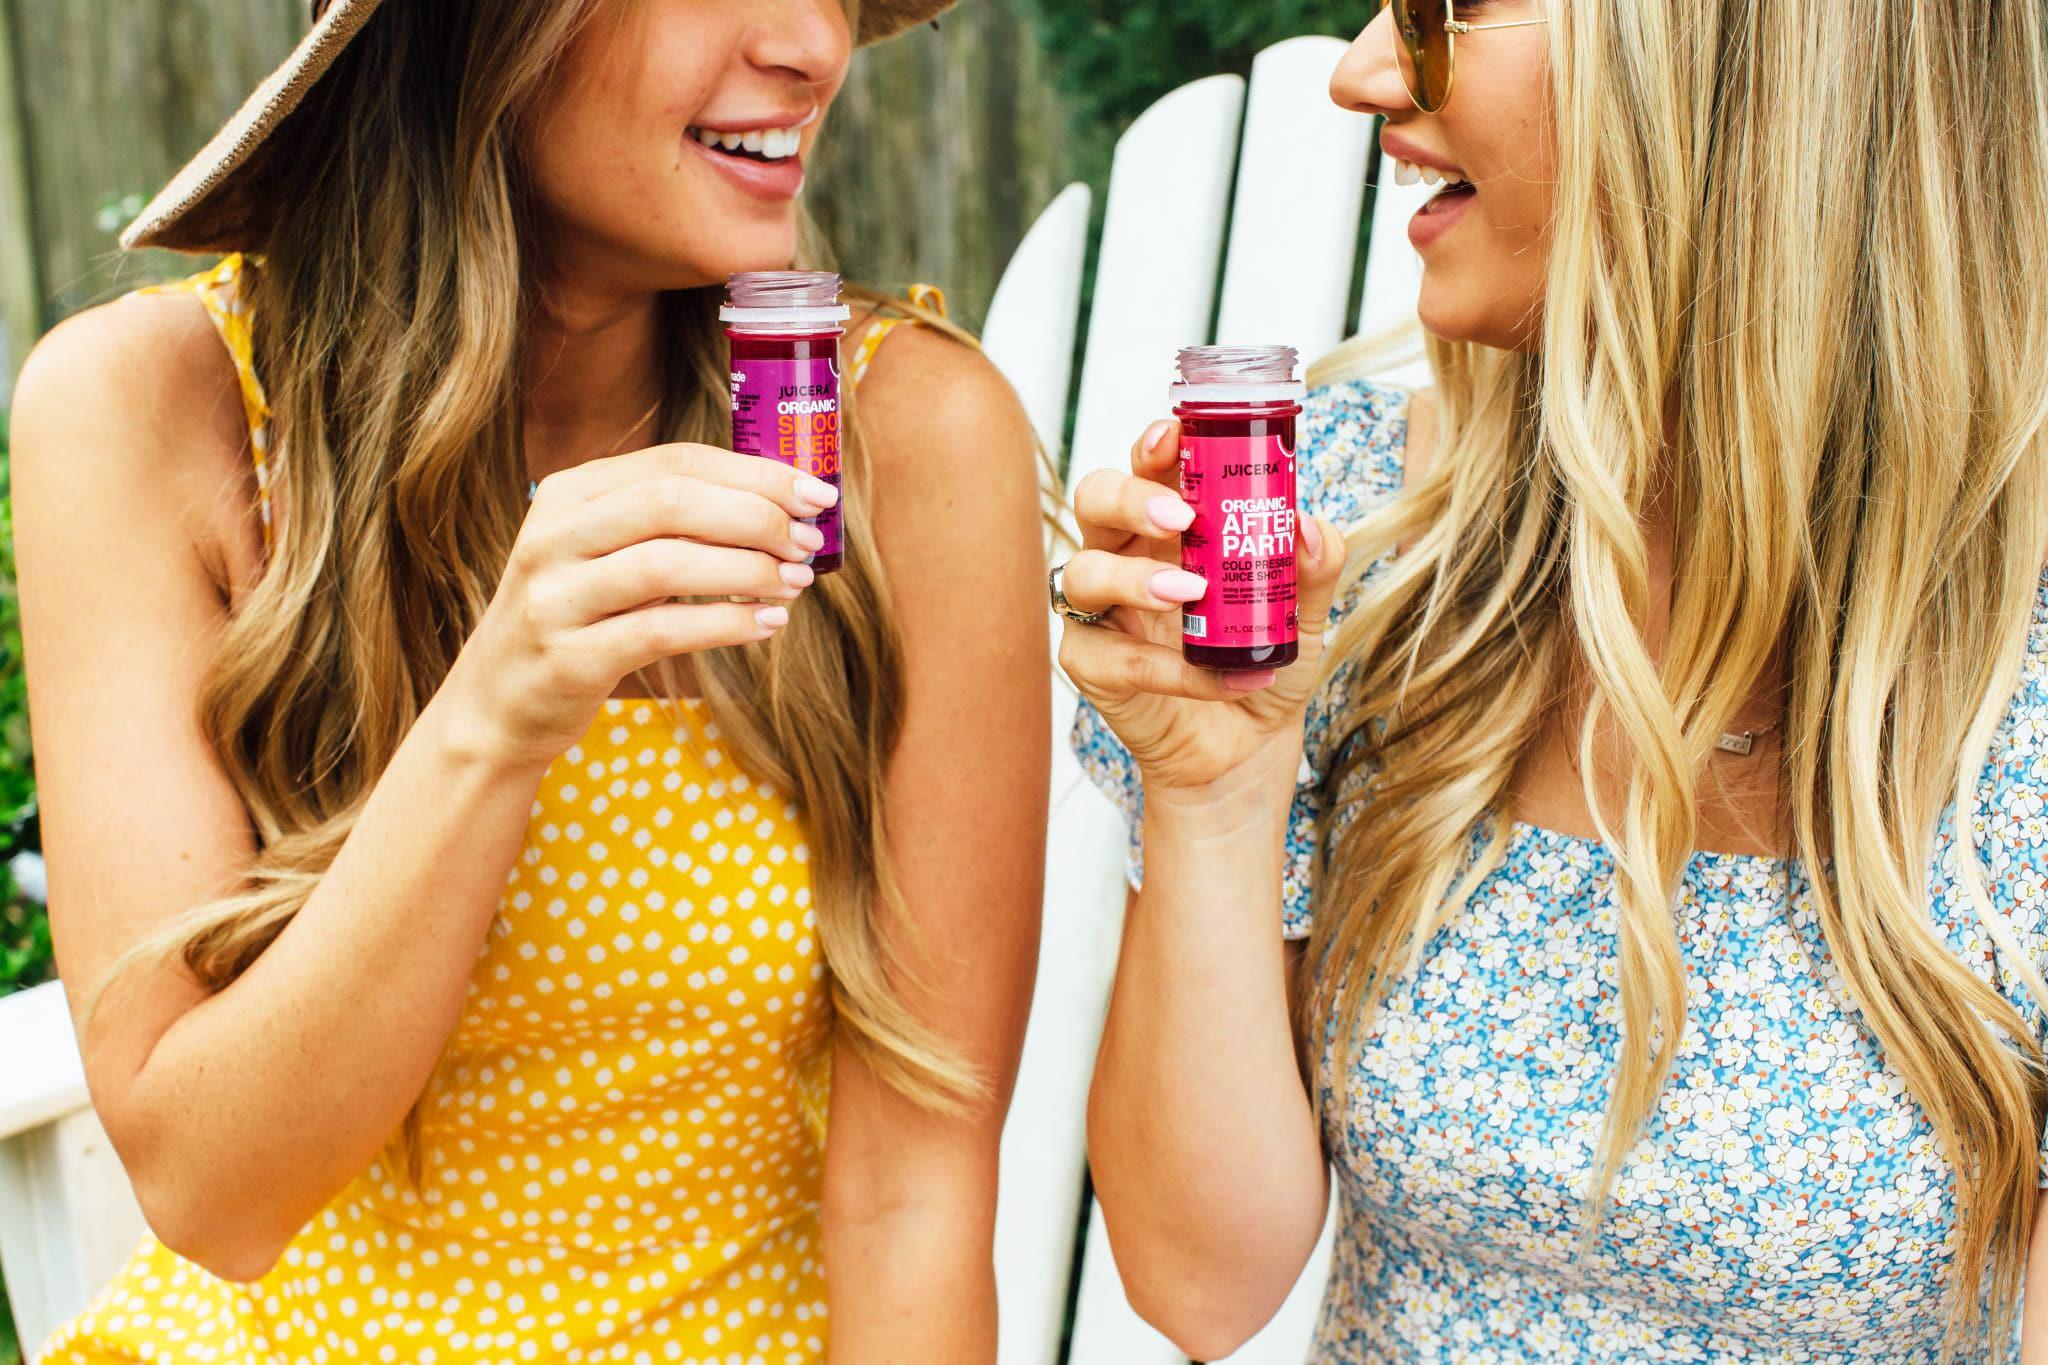 Juicera packaging design showcasing women enjoying juice shots.